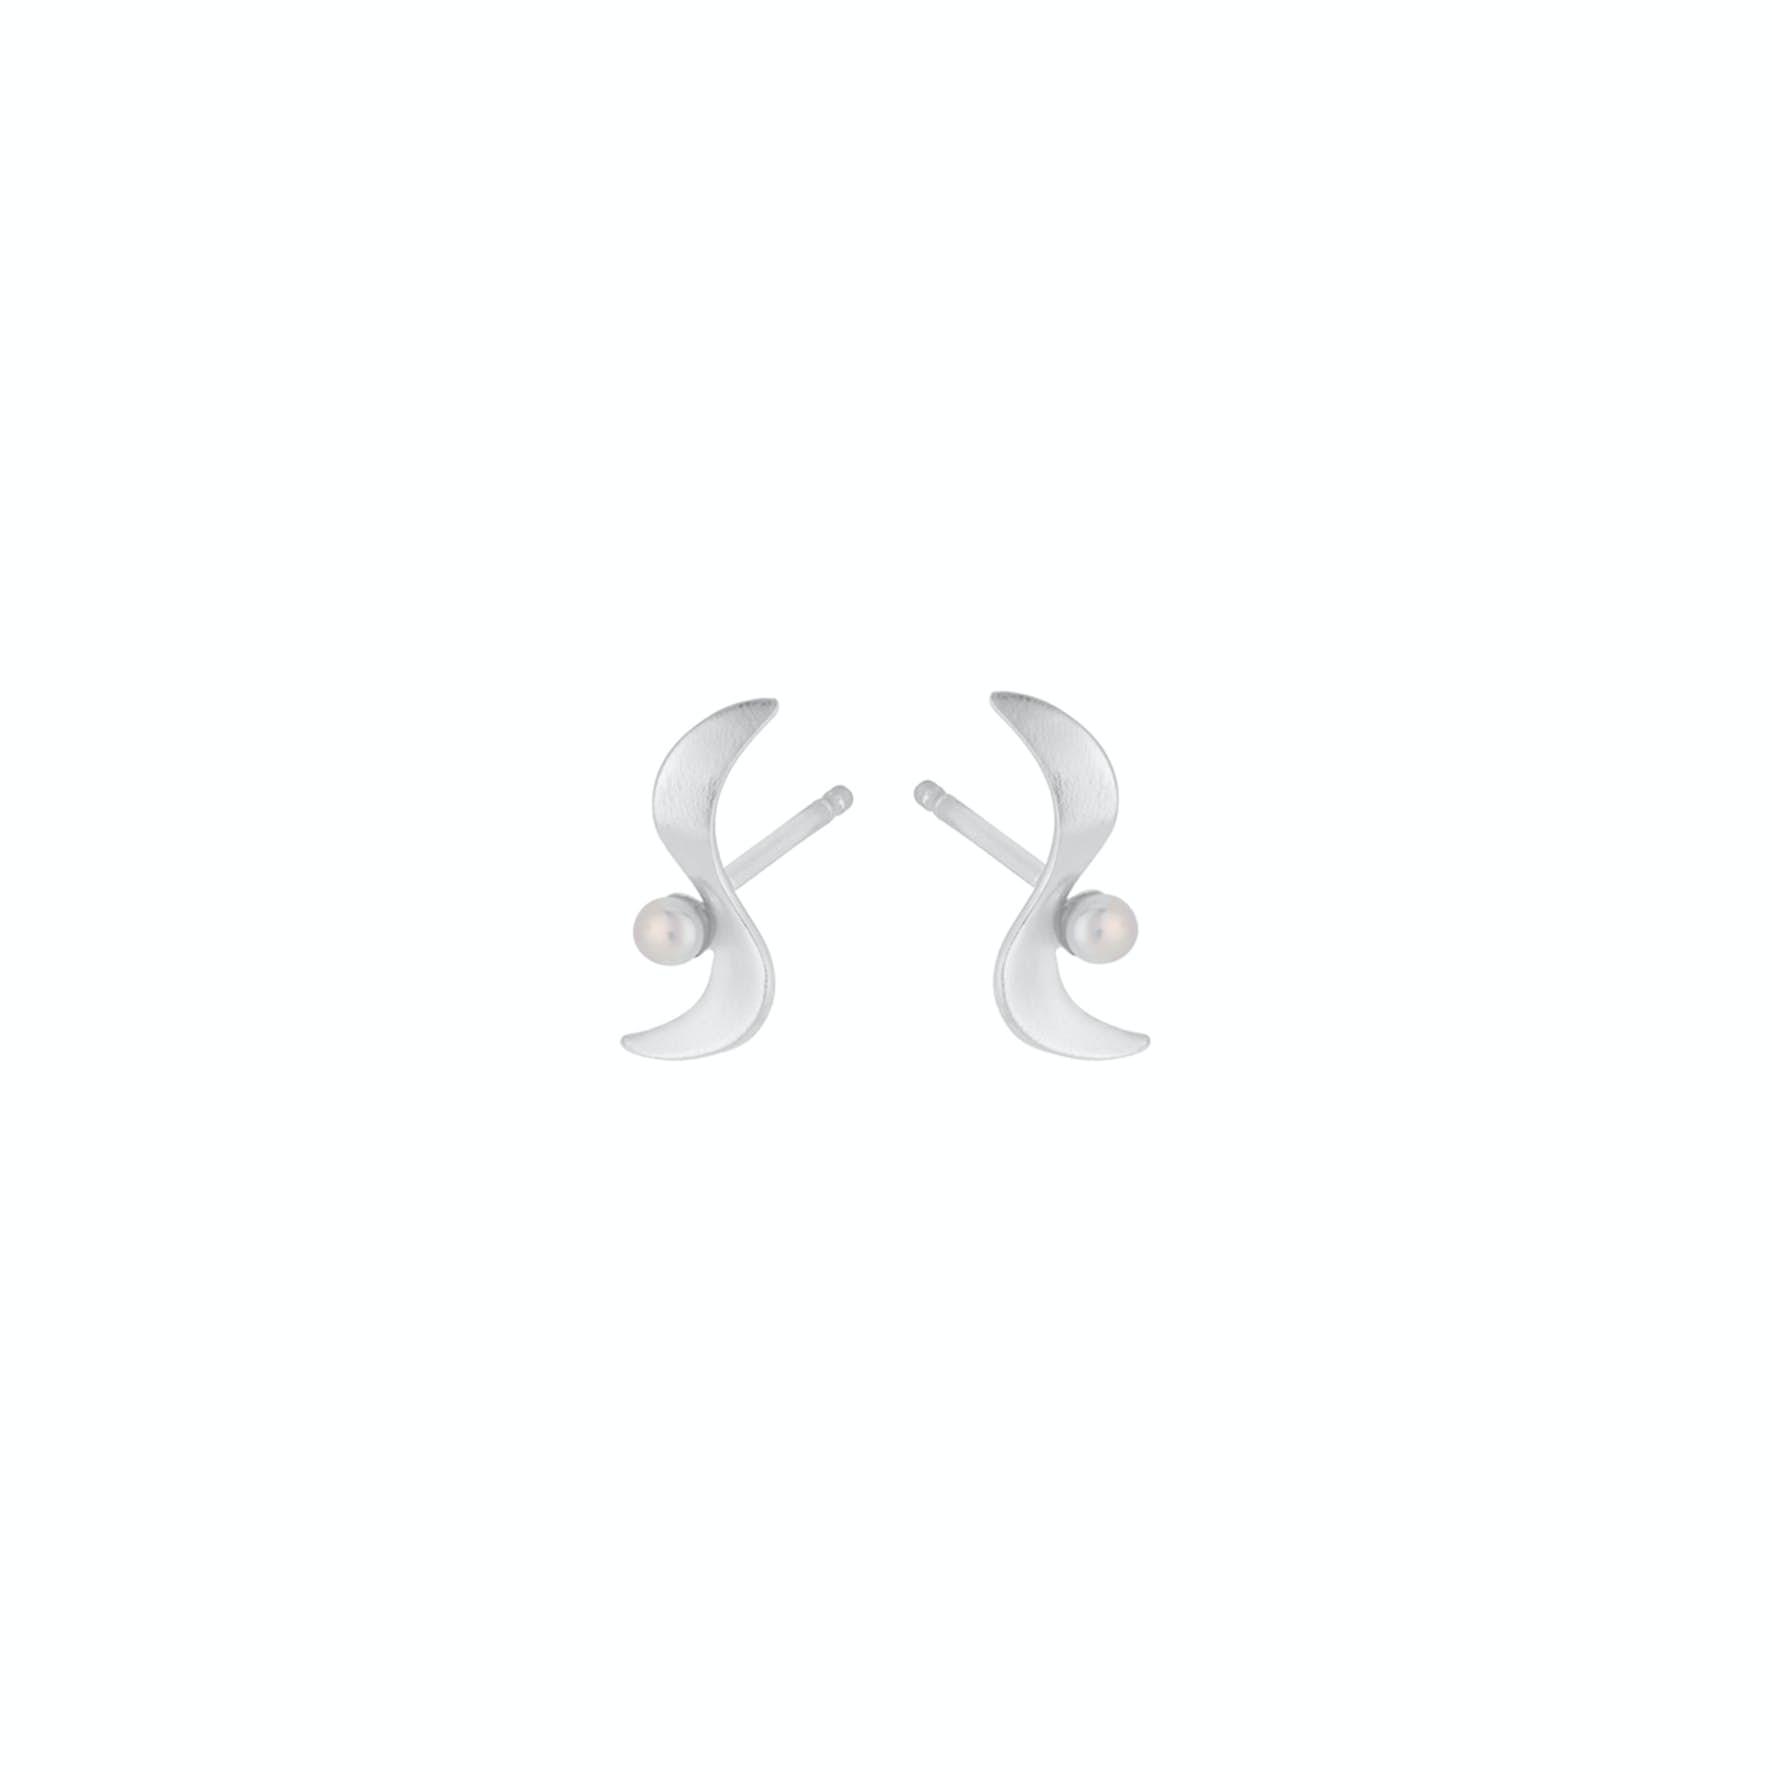 Ocean Wave Earsticks fra Pernille Corydon i Sølv Sterling 925